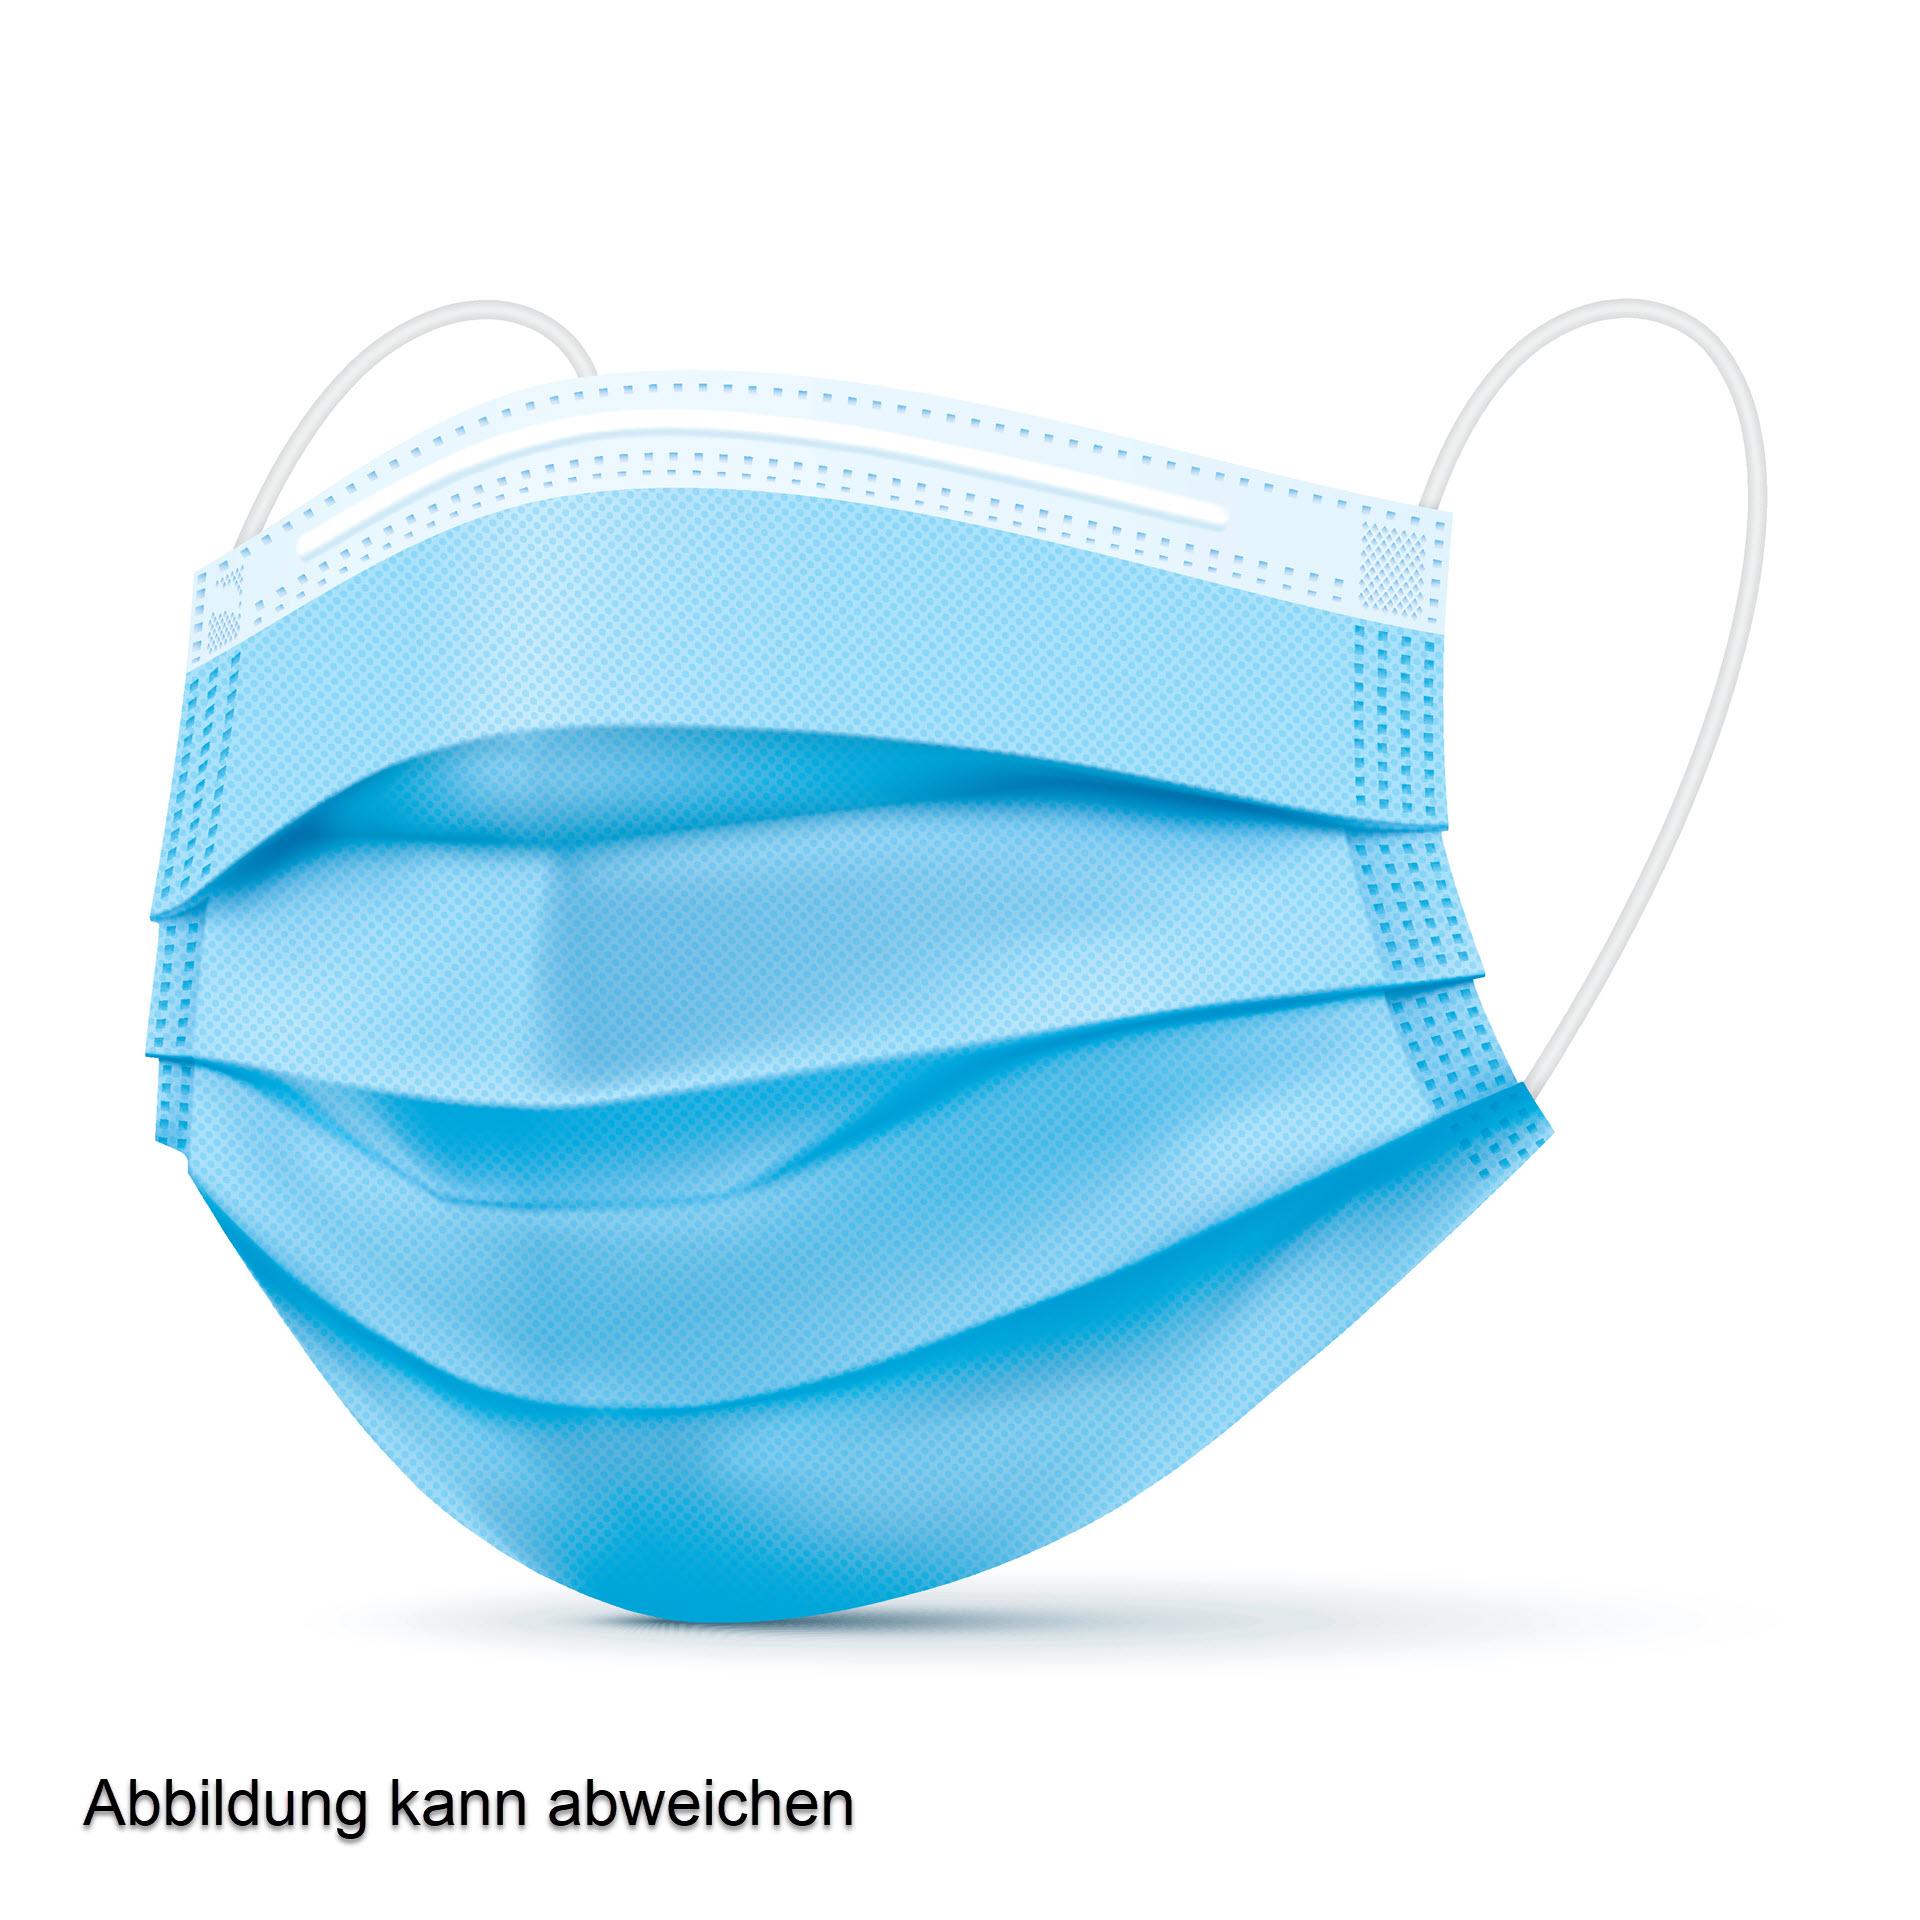 Medizinische OP-Maske / Atemschutzmaske - EN 14683 Typ I - Box mit 50 Stück